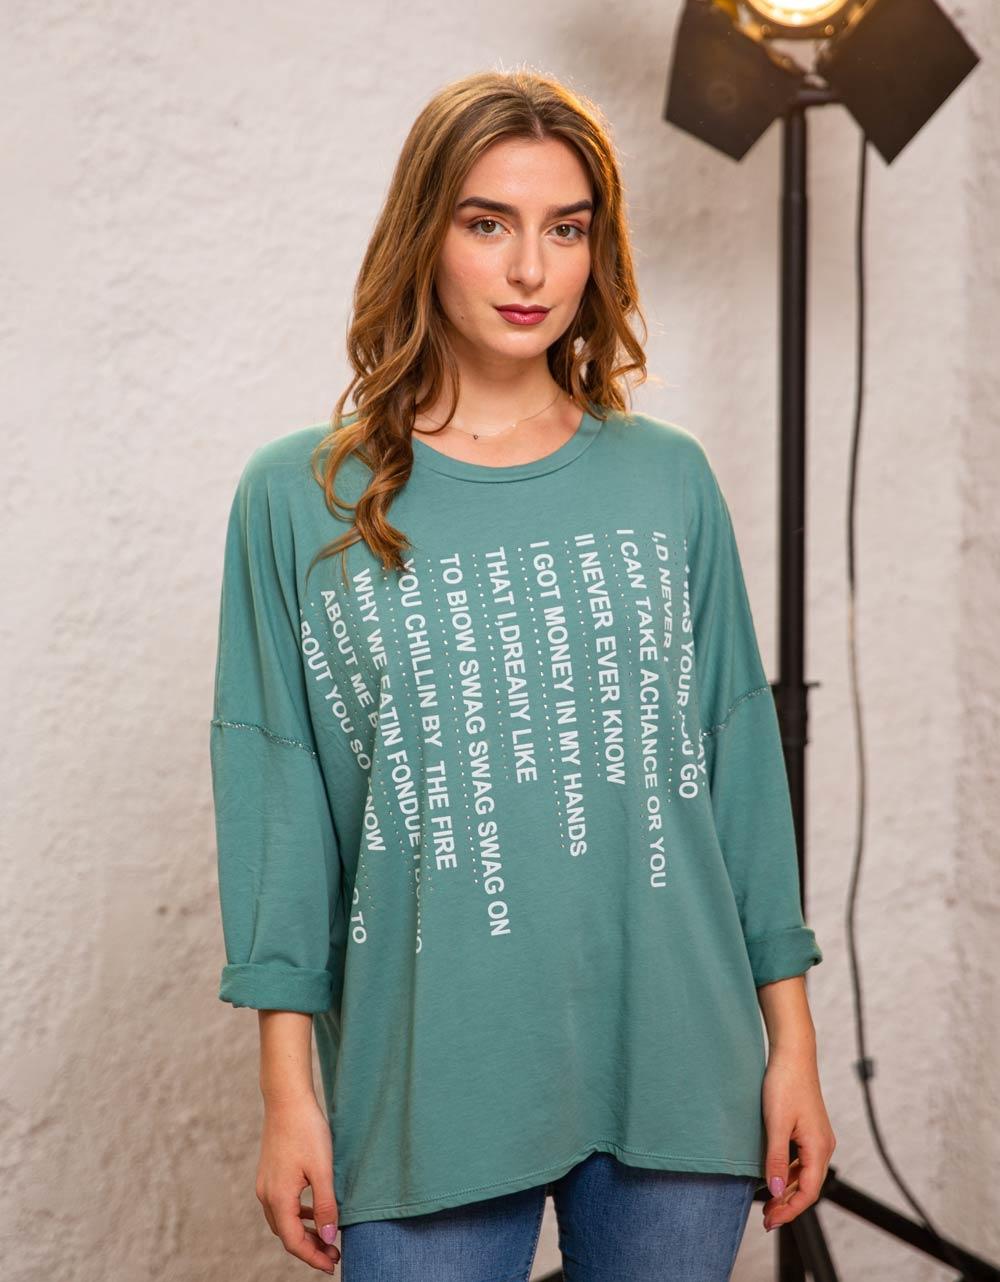 Εικόνα από Γυναικεία μπλούζα με σχέδια Τιρκουάζ